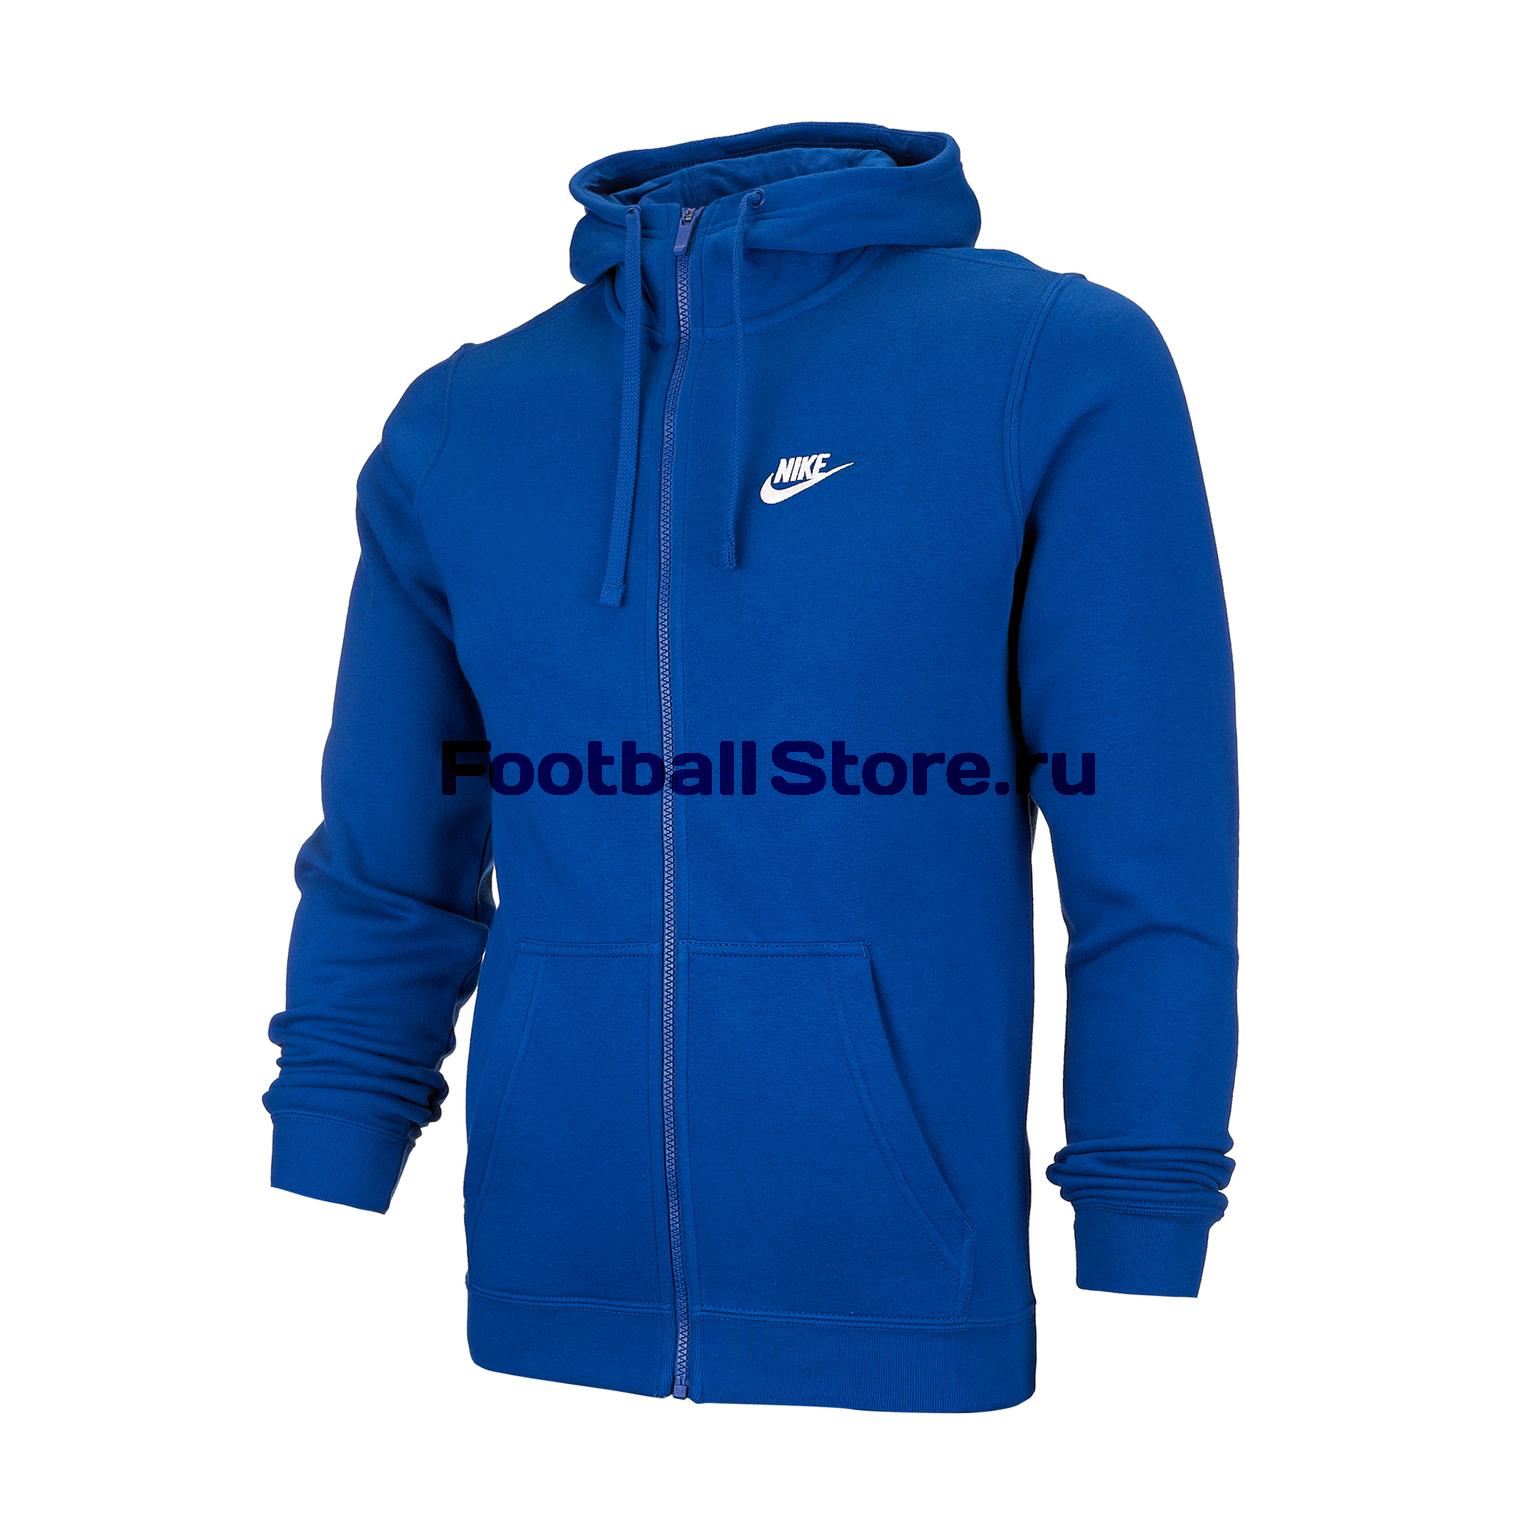 Толстовка Nike M NSW Hoodie FZ FLC Club 804389-438 nike свитшот m nsw crw flc air hrtg